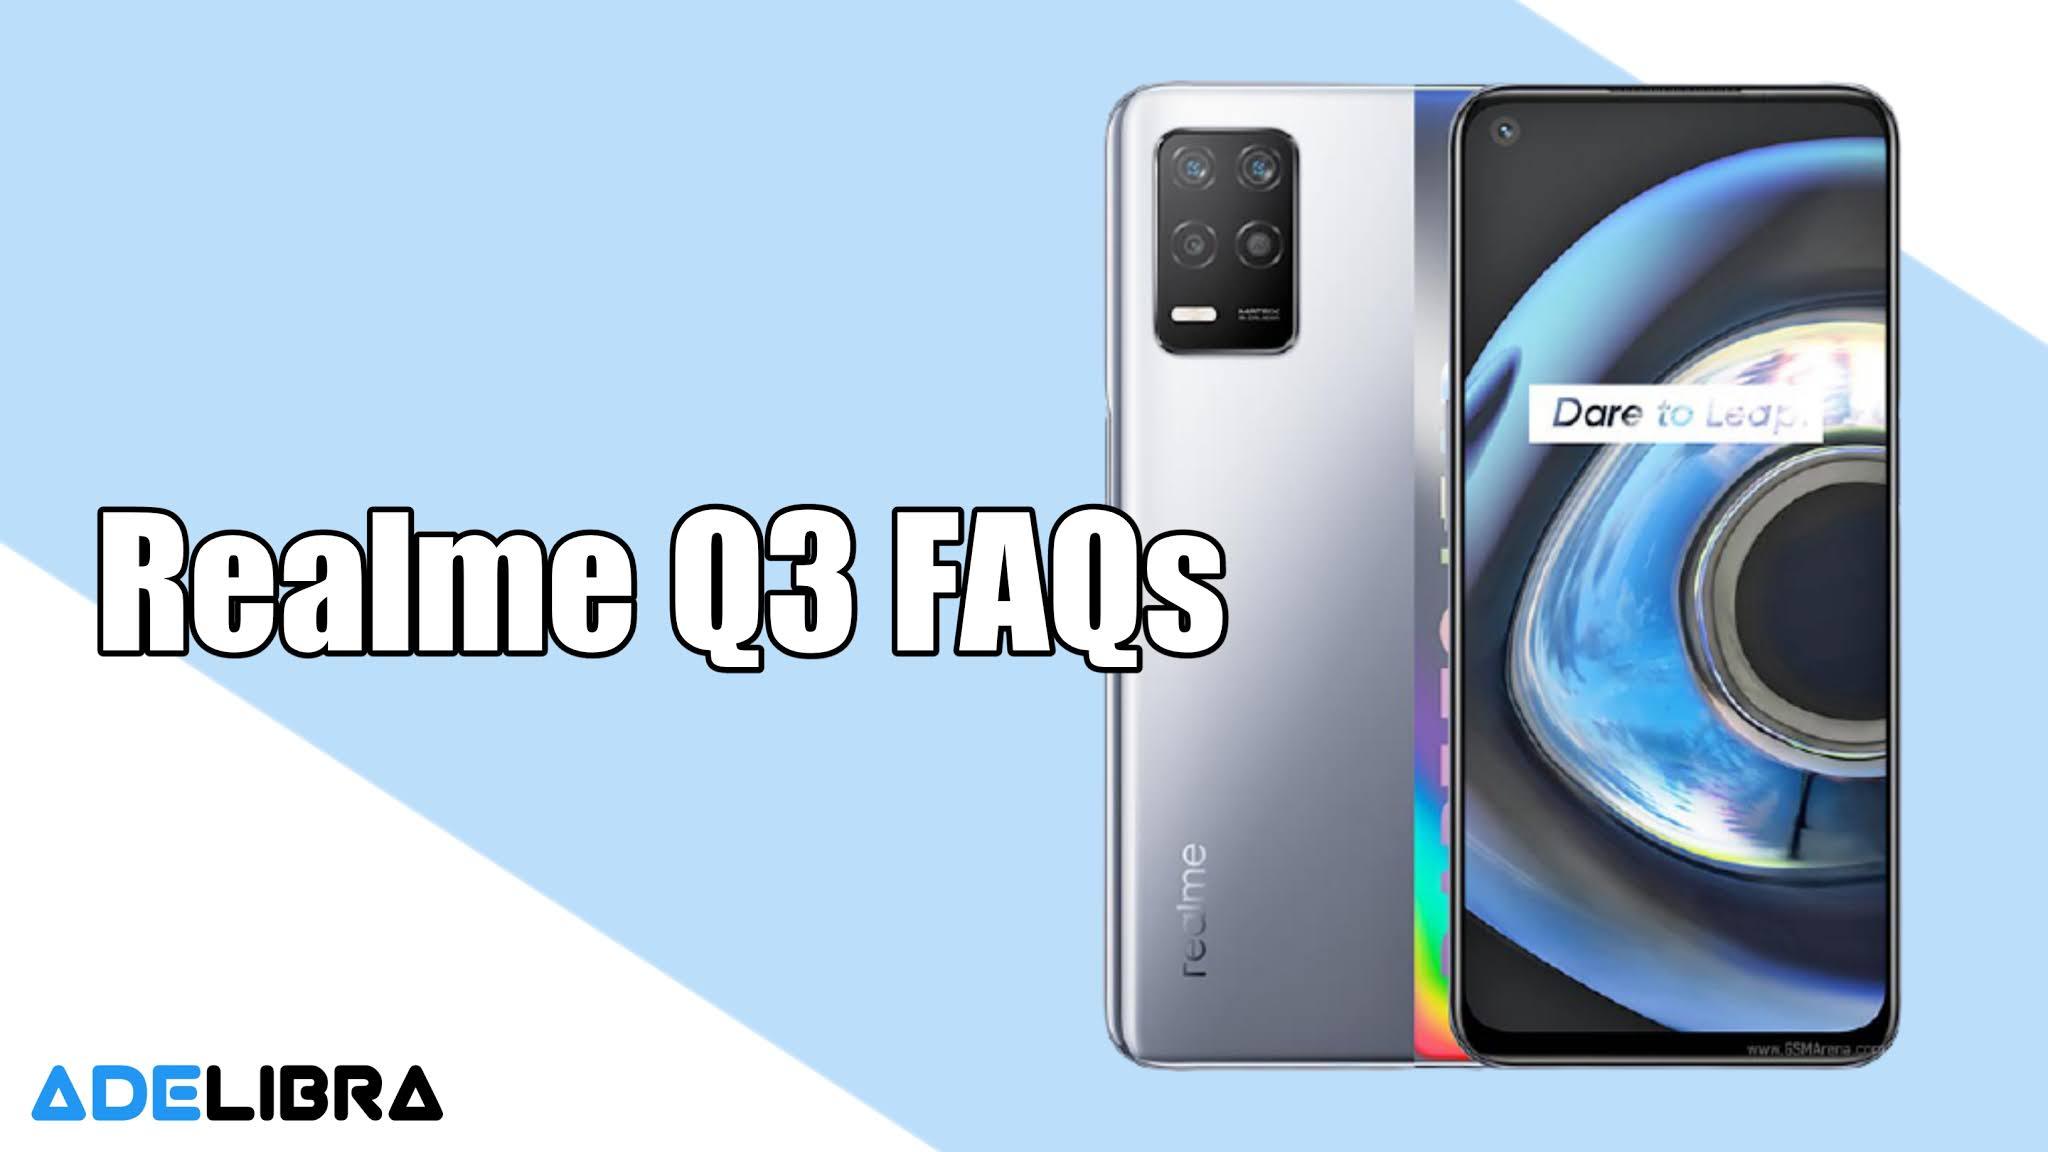 Realme Q3 FAQs